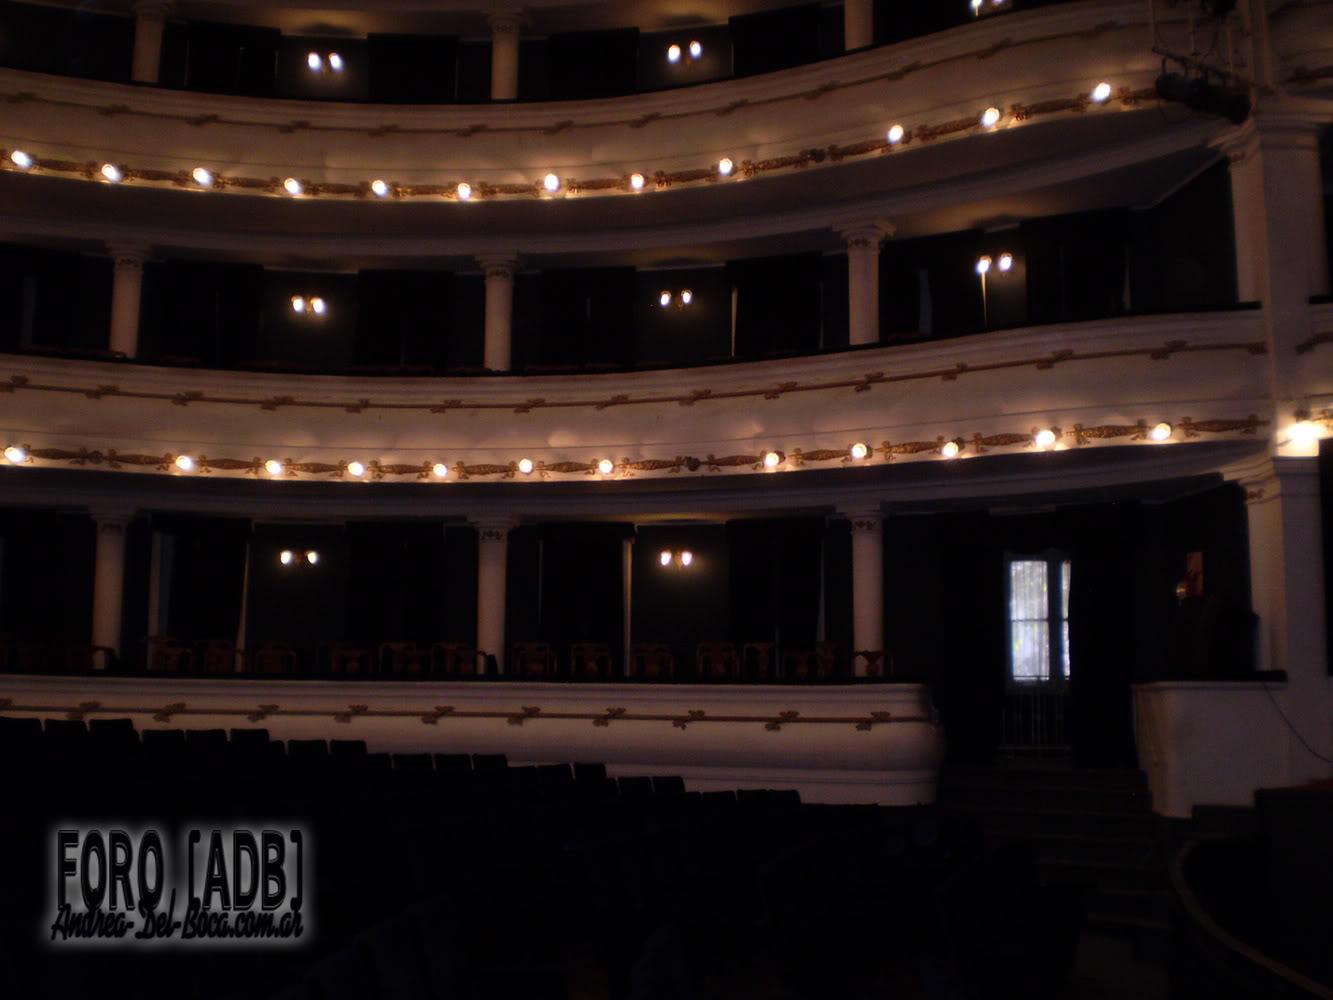 [Эва и Виктория] Андреа и театр (03/05/11)  - Página 2 005